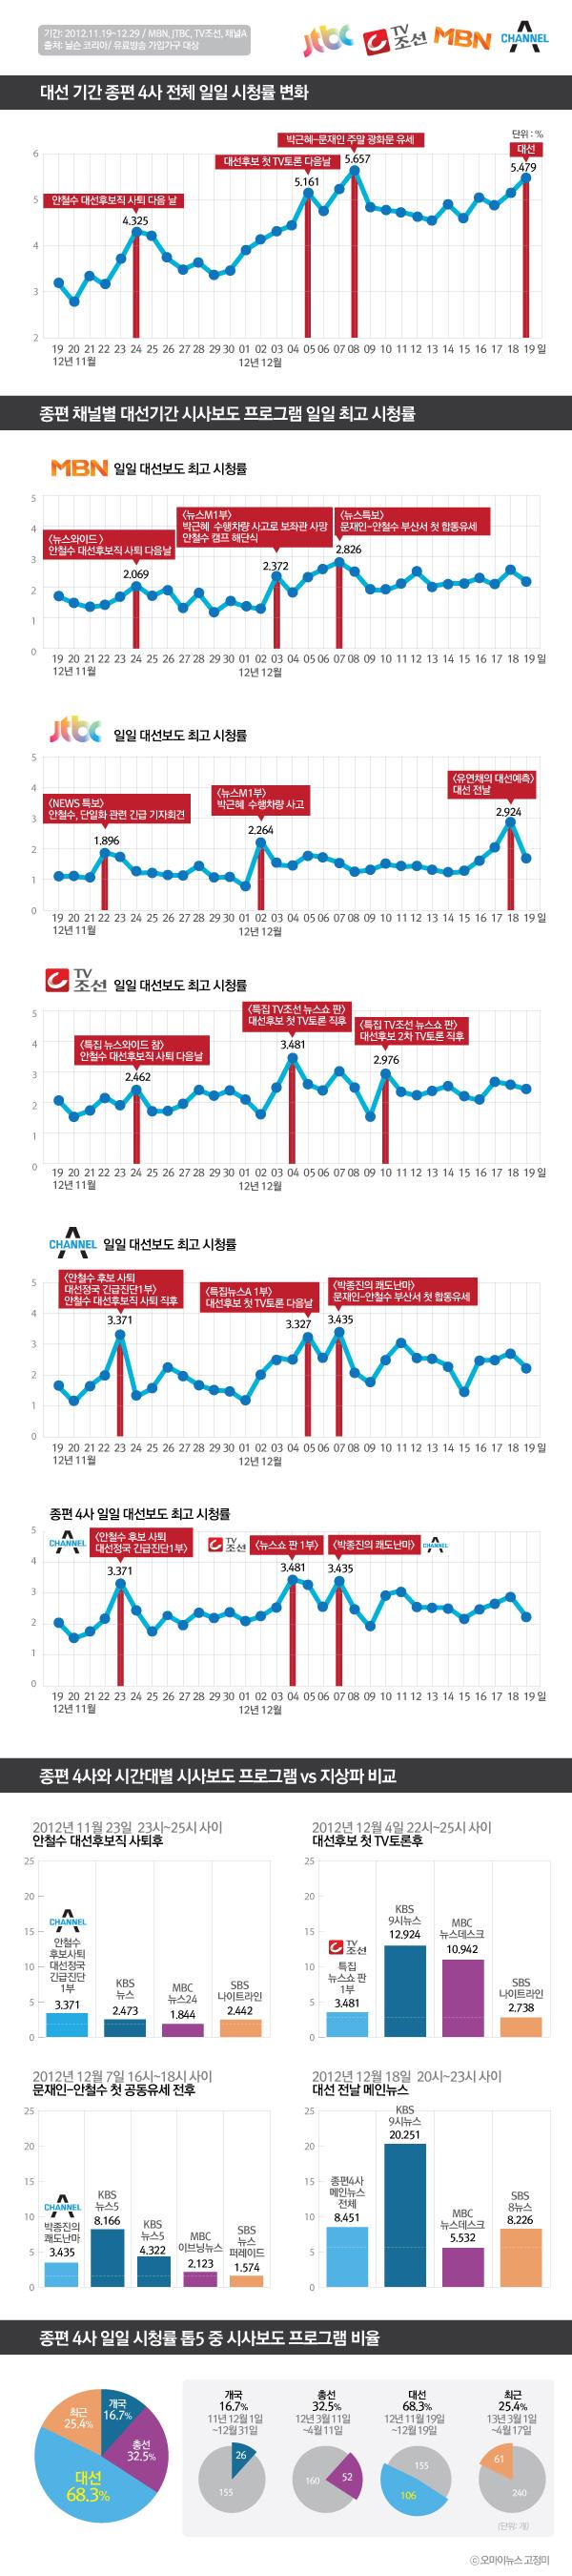 18대 대선 기간(2012.11.19~12.19) 종합편성채널 4사 시청률 분석